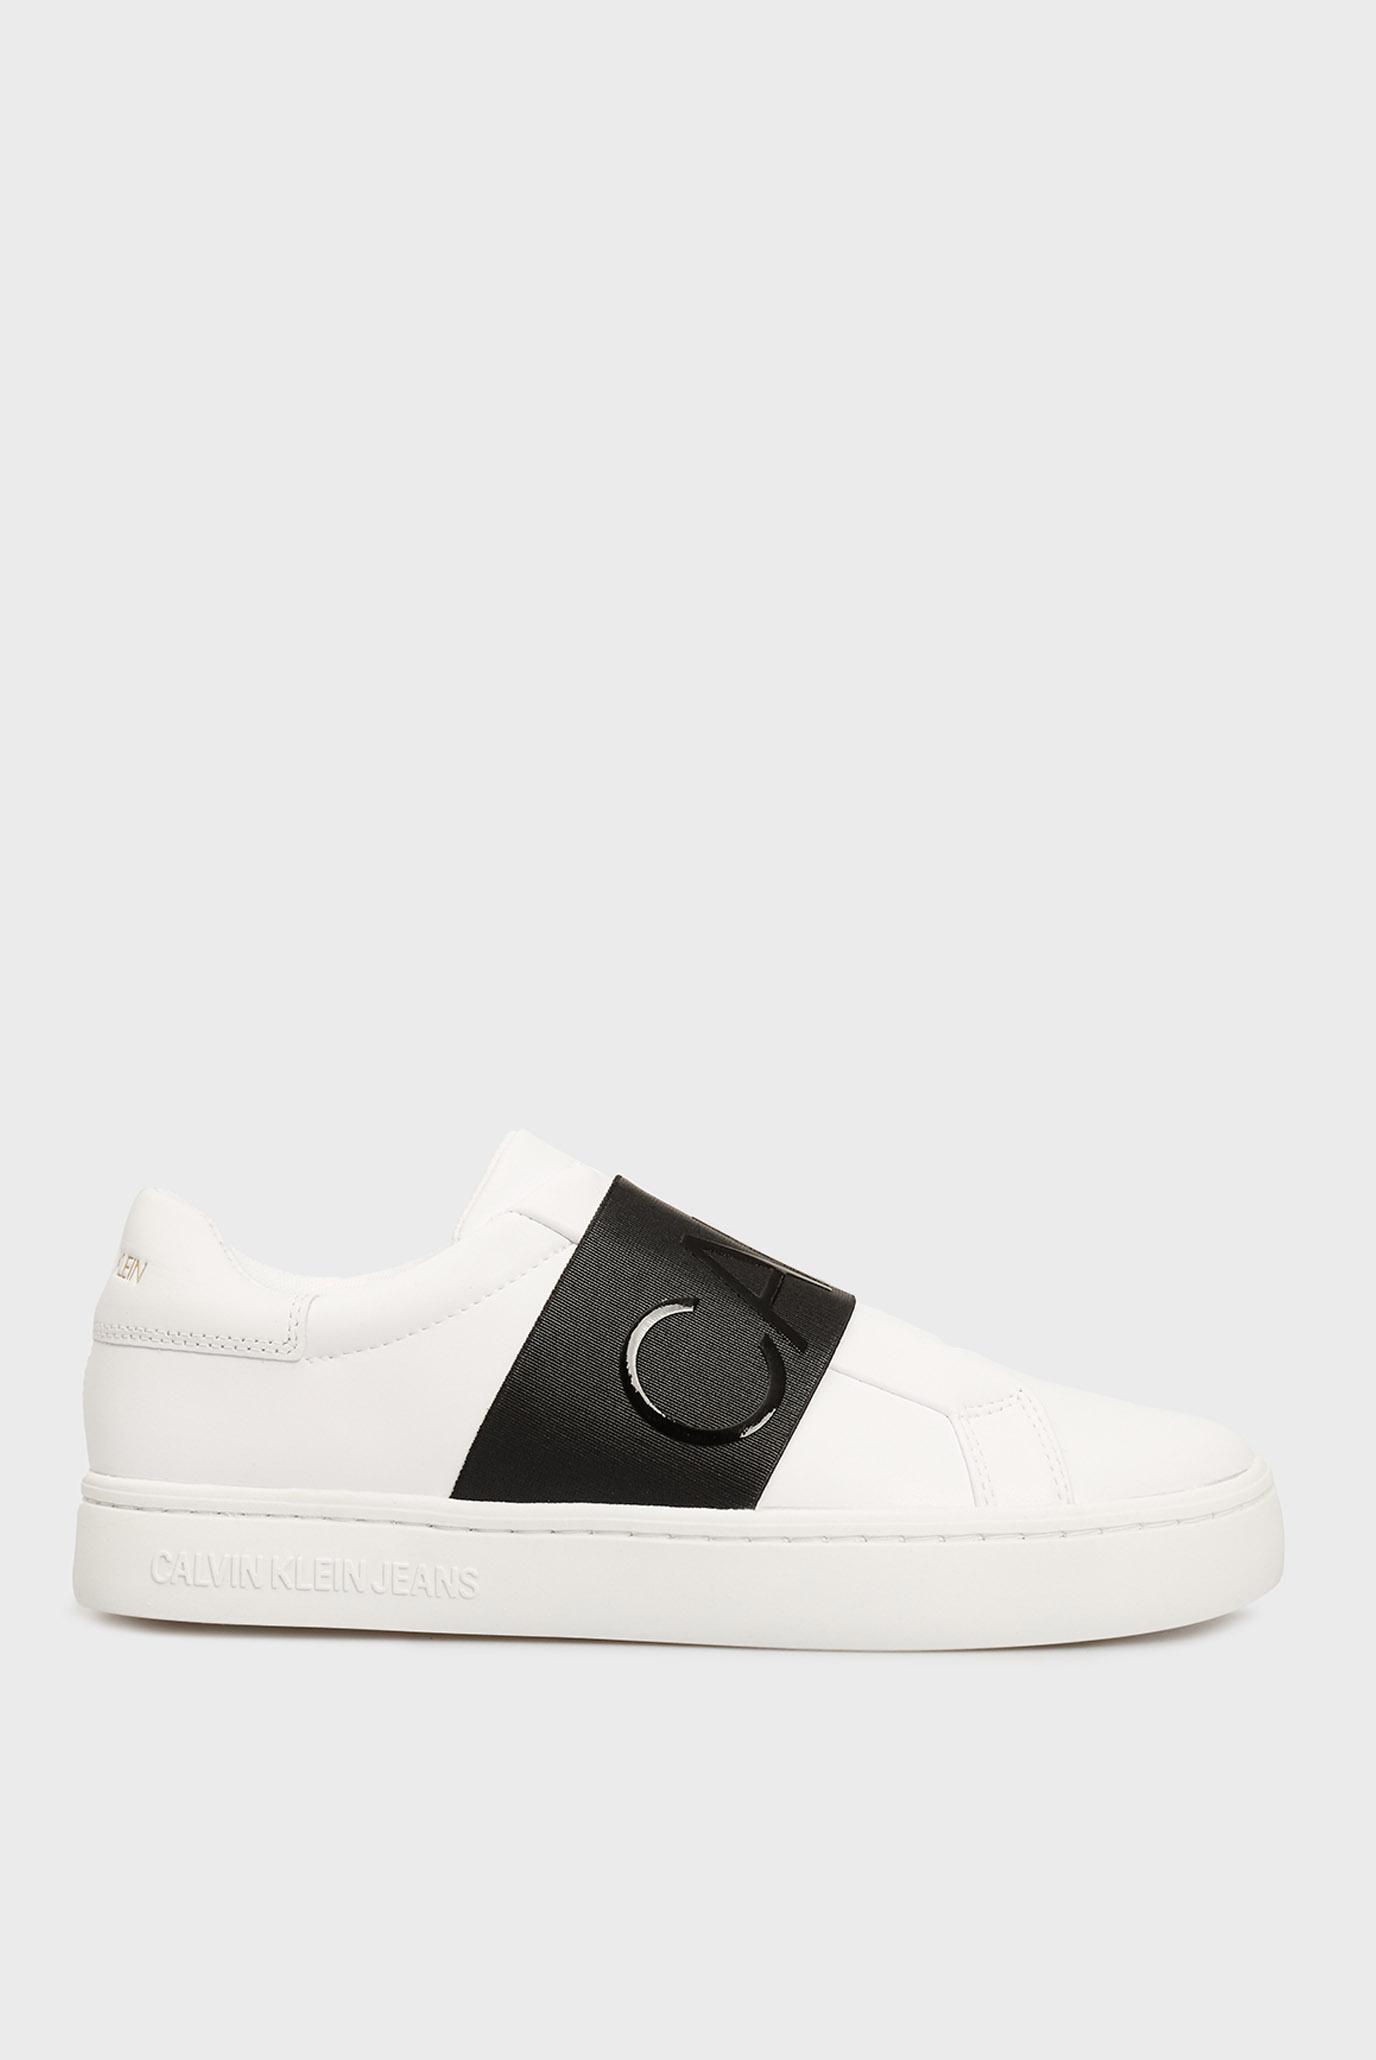 Женские белые слипоны CUPSOLE ELASTIC LTH Calvin Klein Jeans YW0YW00160 — MD-Fashion